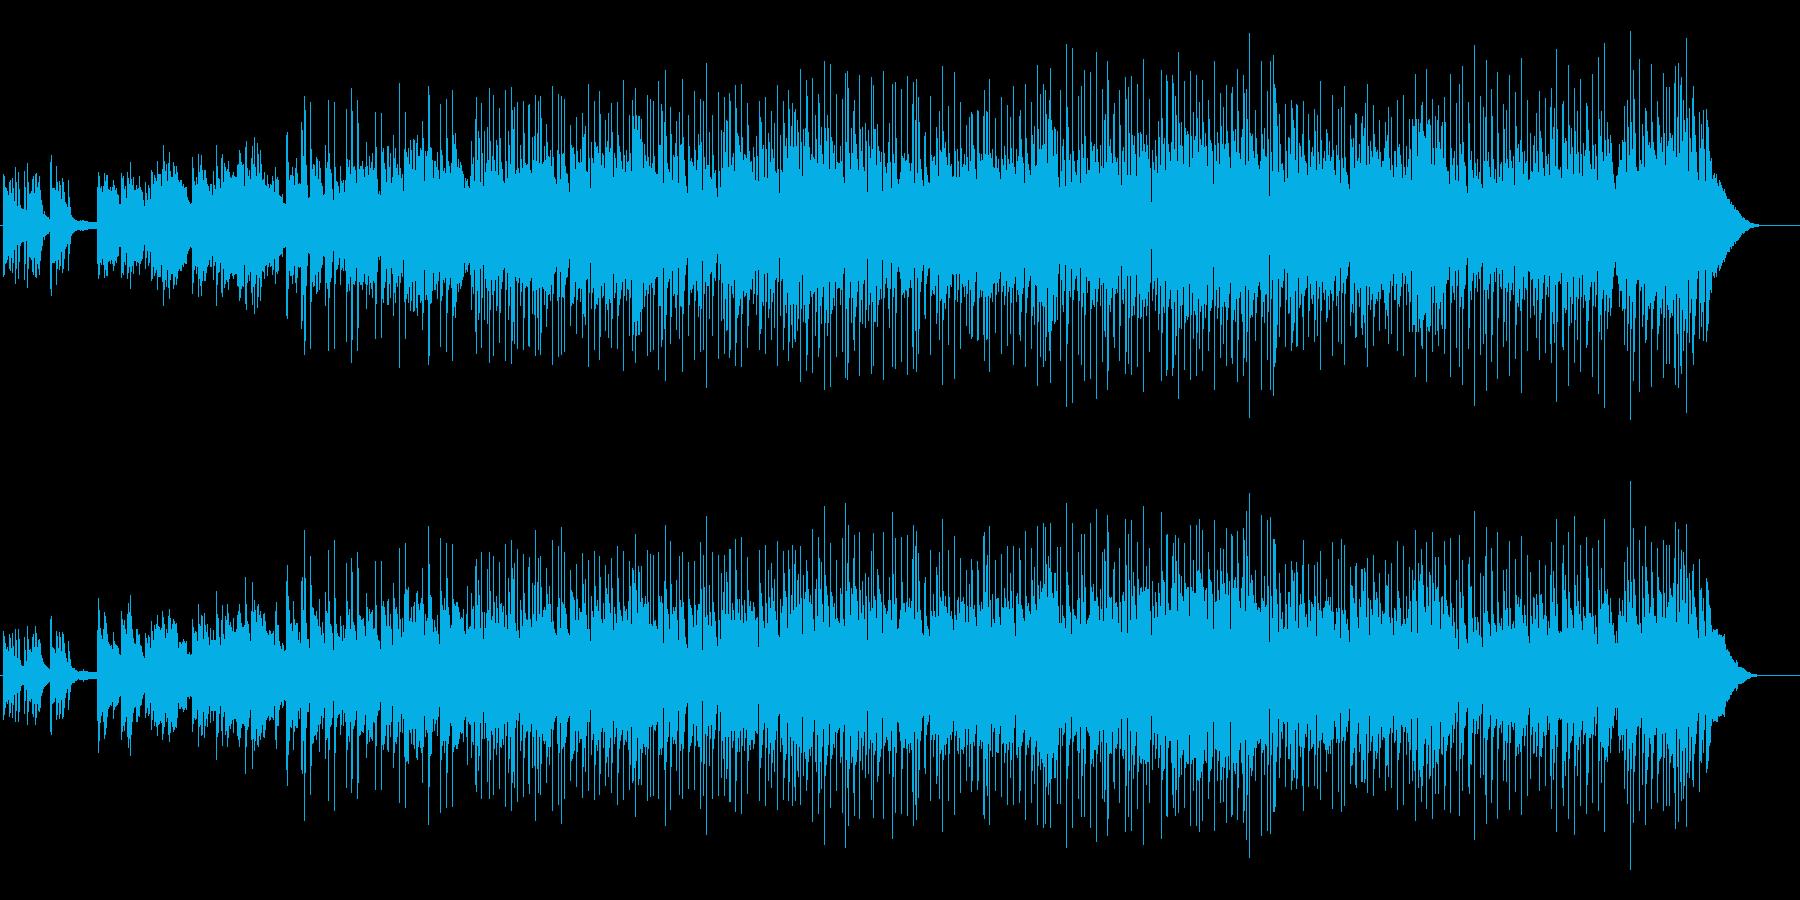 思い出が蘇るような感動的なストリングスの再生済みの波形